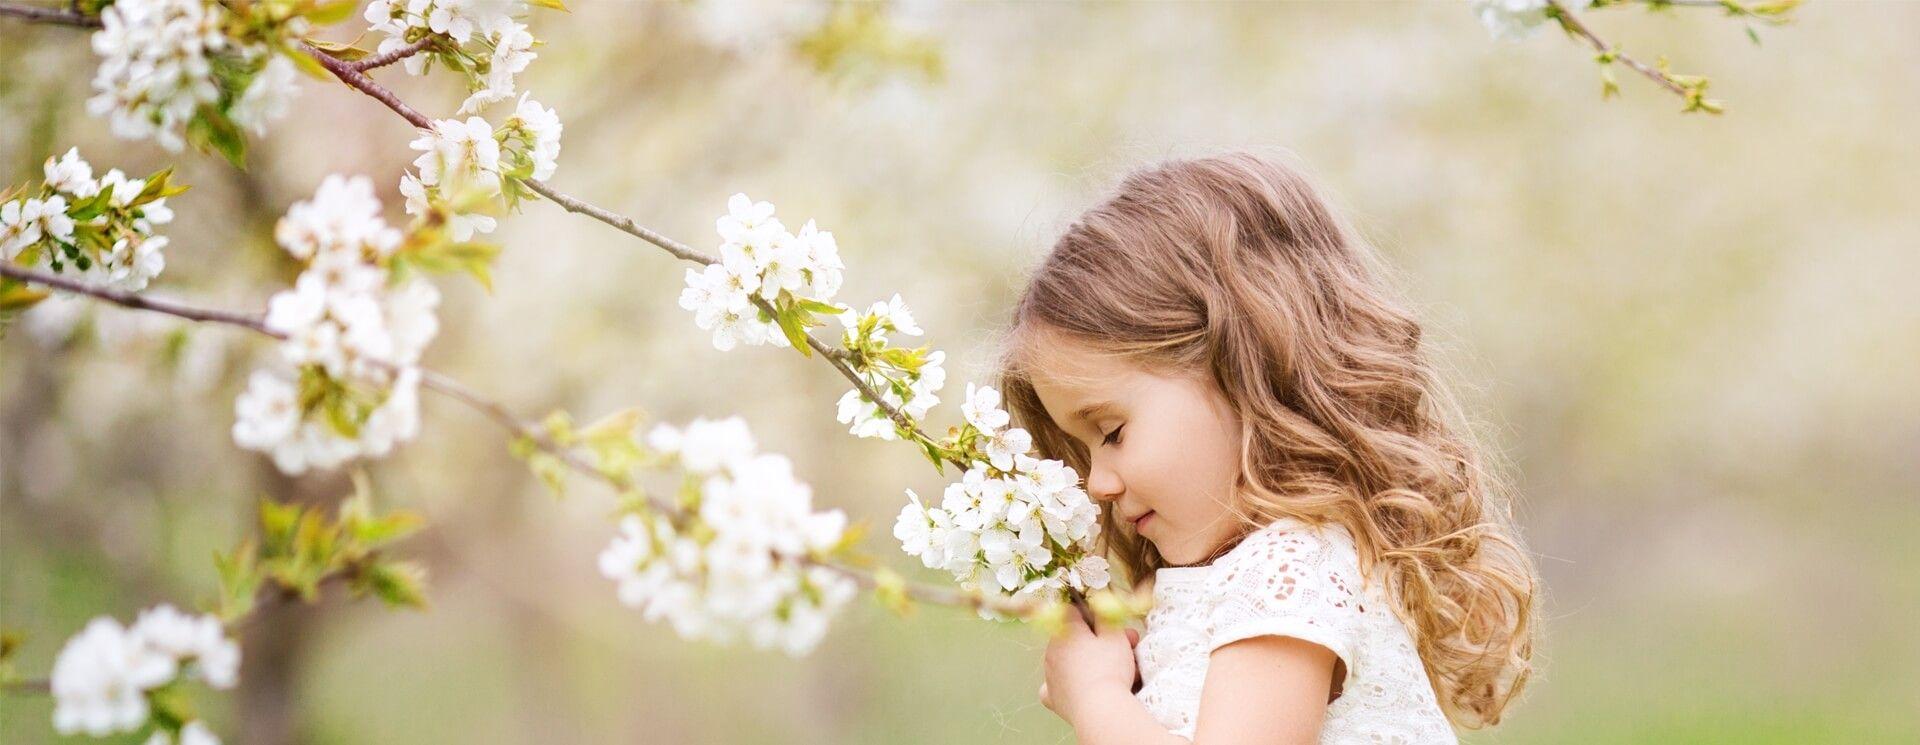 Kleines Mädchen riecht im Frühling an Kirschblüten